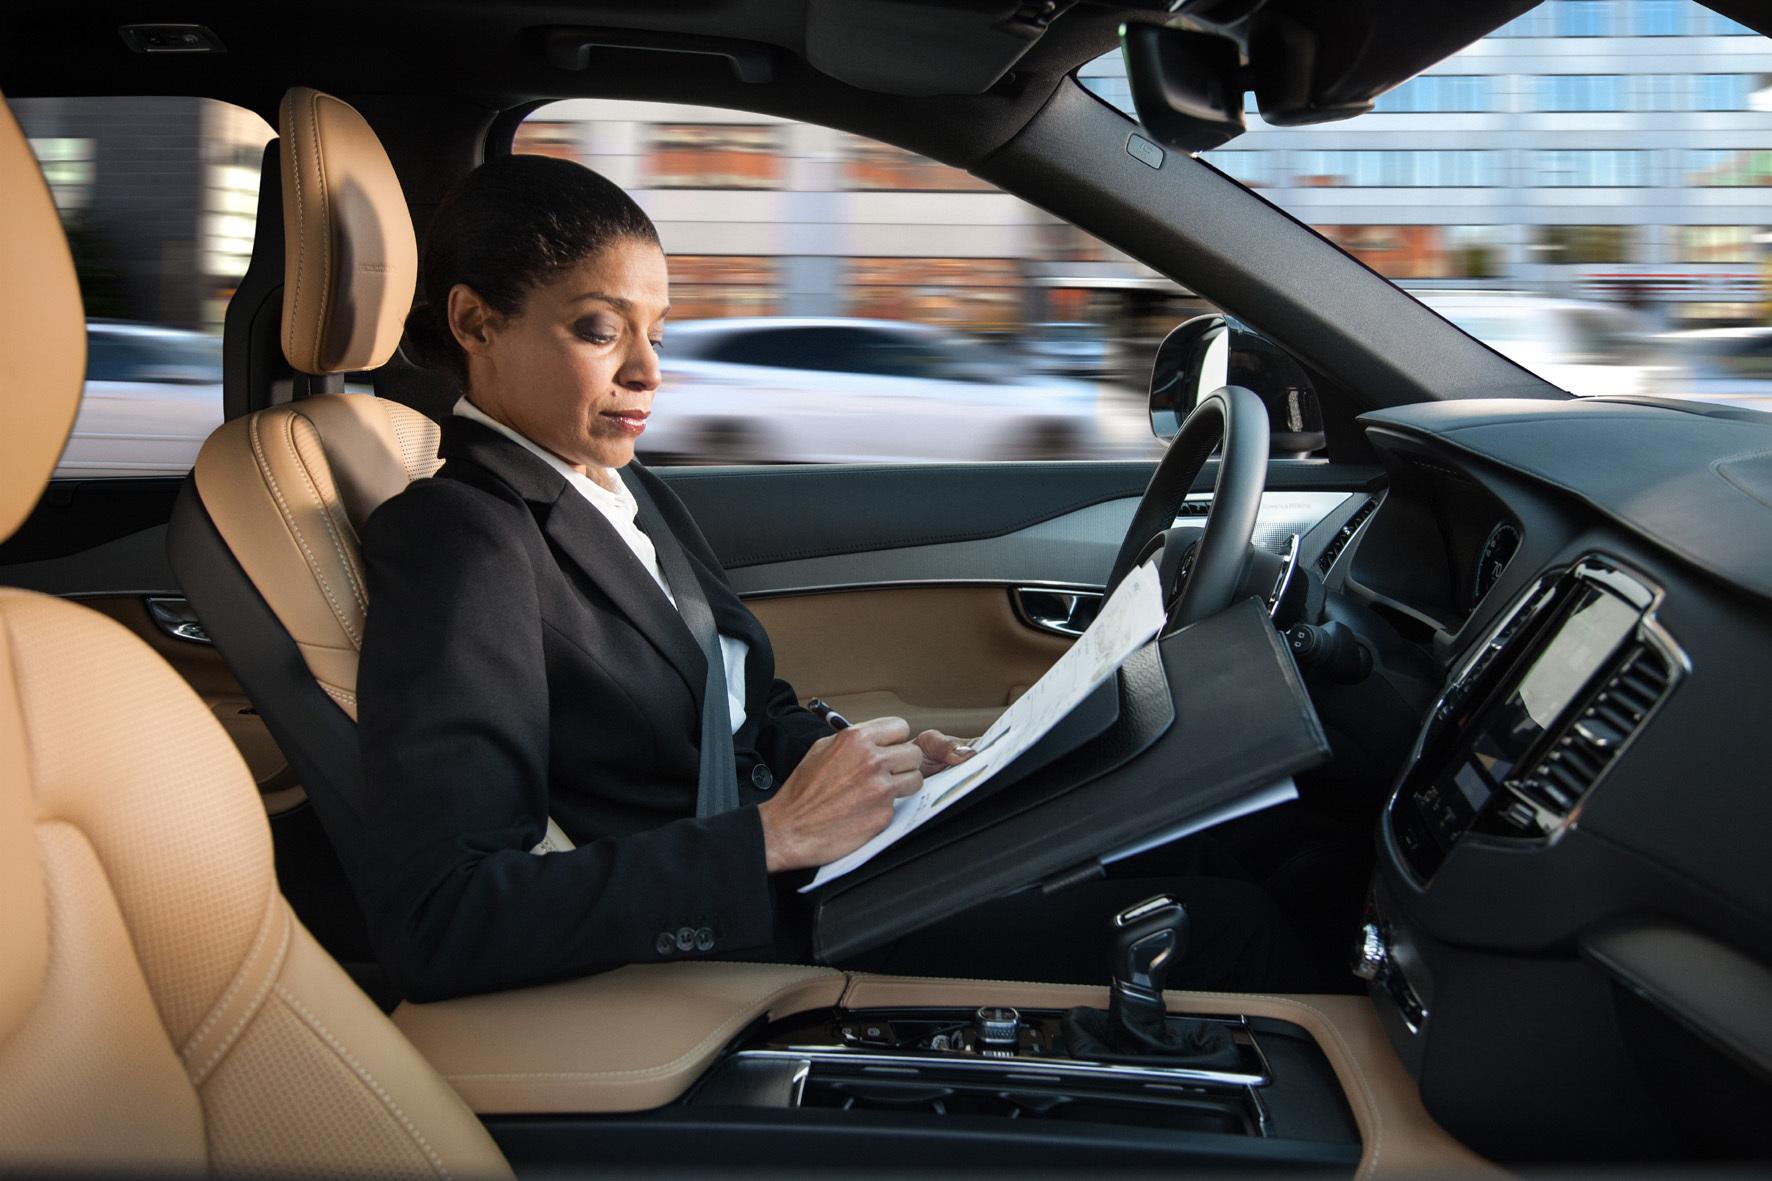 mid Groß-Gerau - Das autonome Autofahren kommt: Noch aber gibt es viele Vorbehalte gegenüber selbstfahrenden Fahrzeugen.